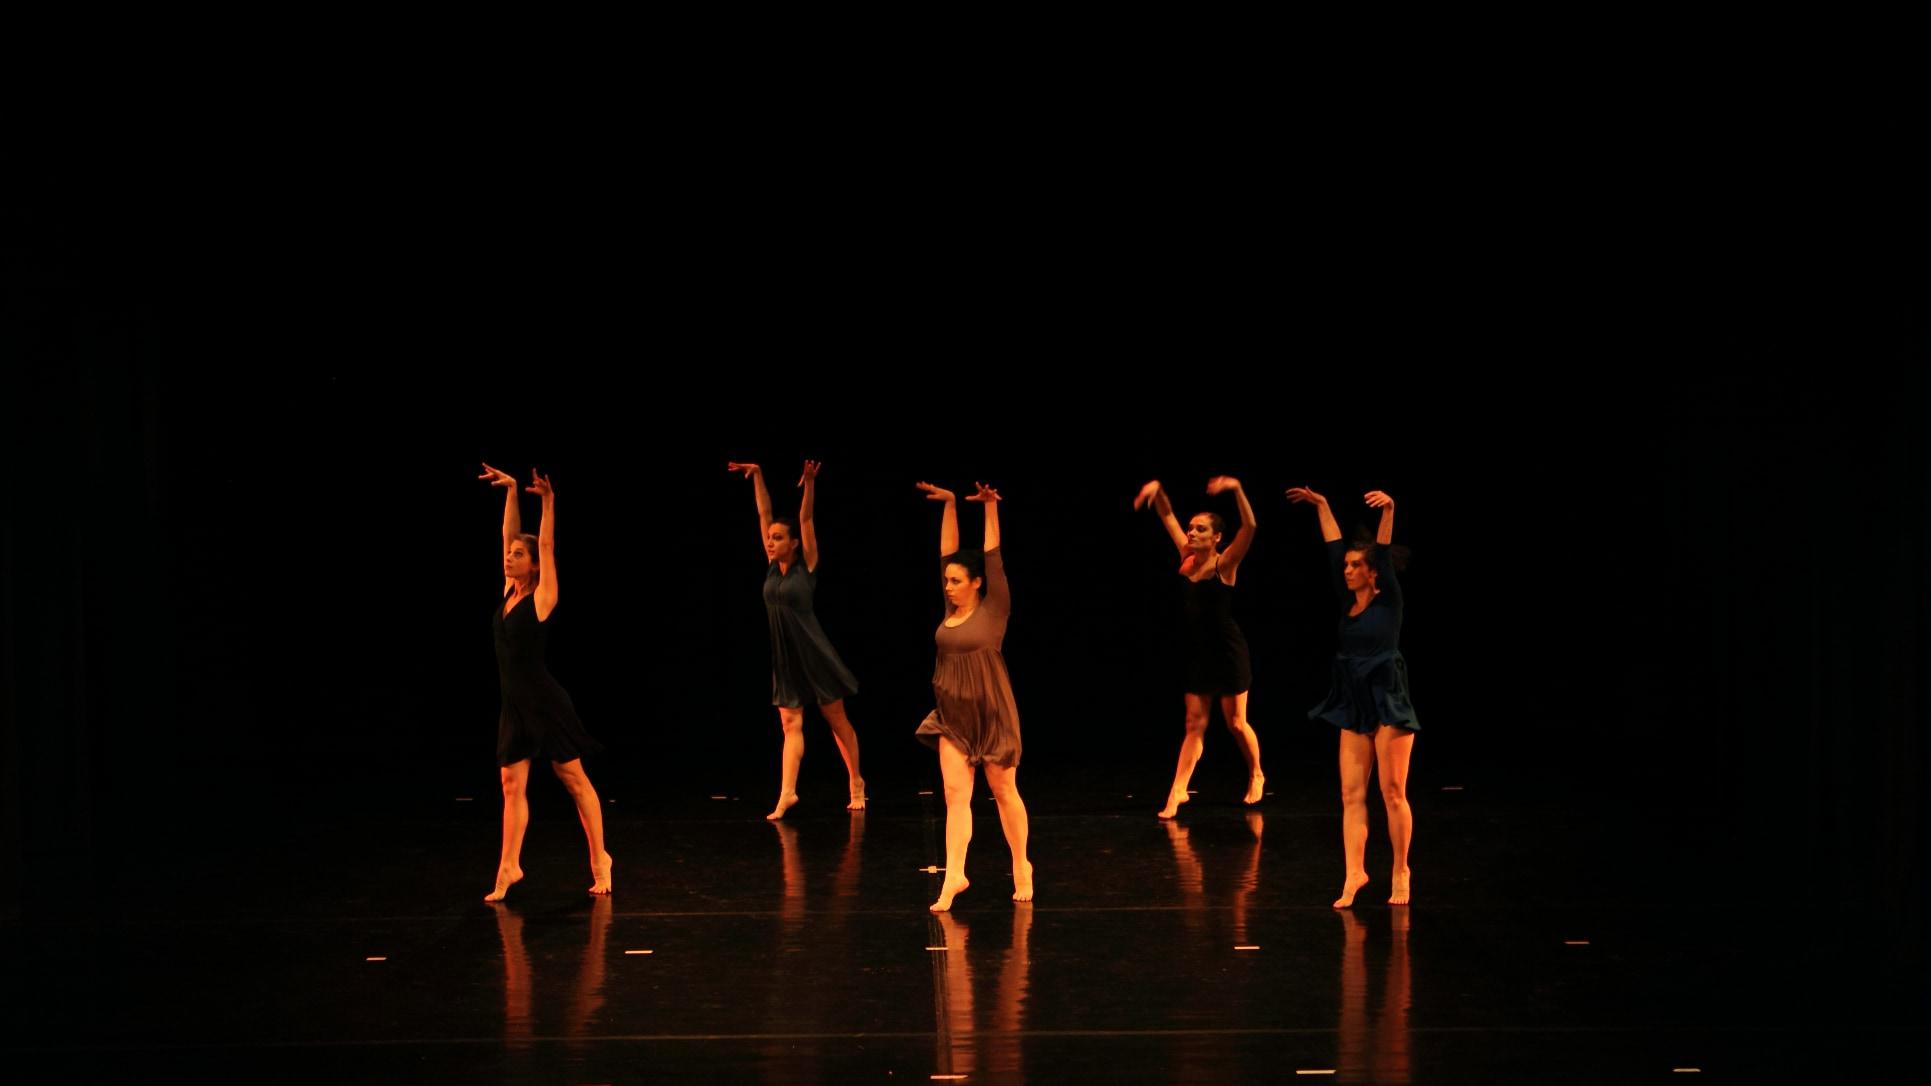 venti-in-danza-15@0.5x